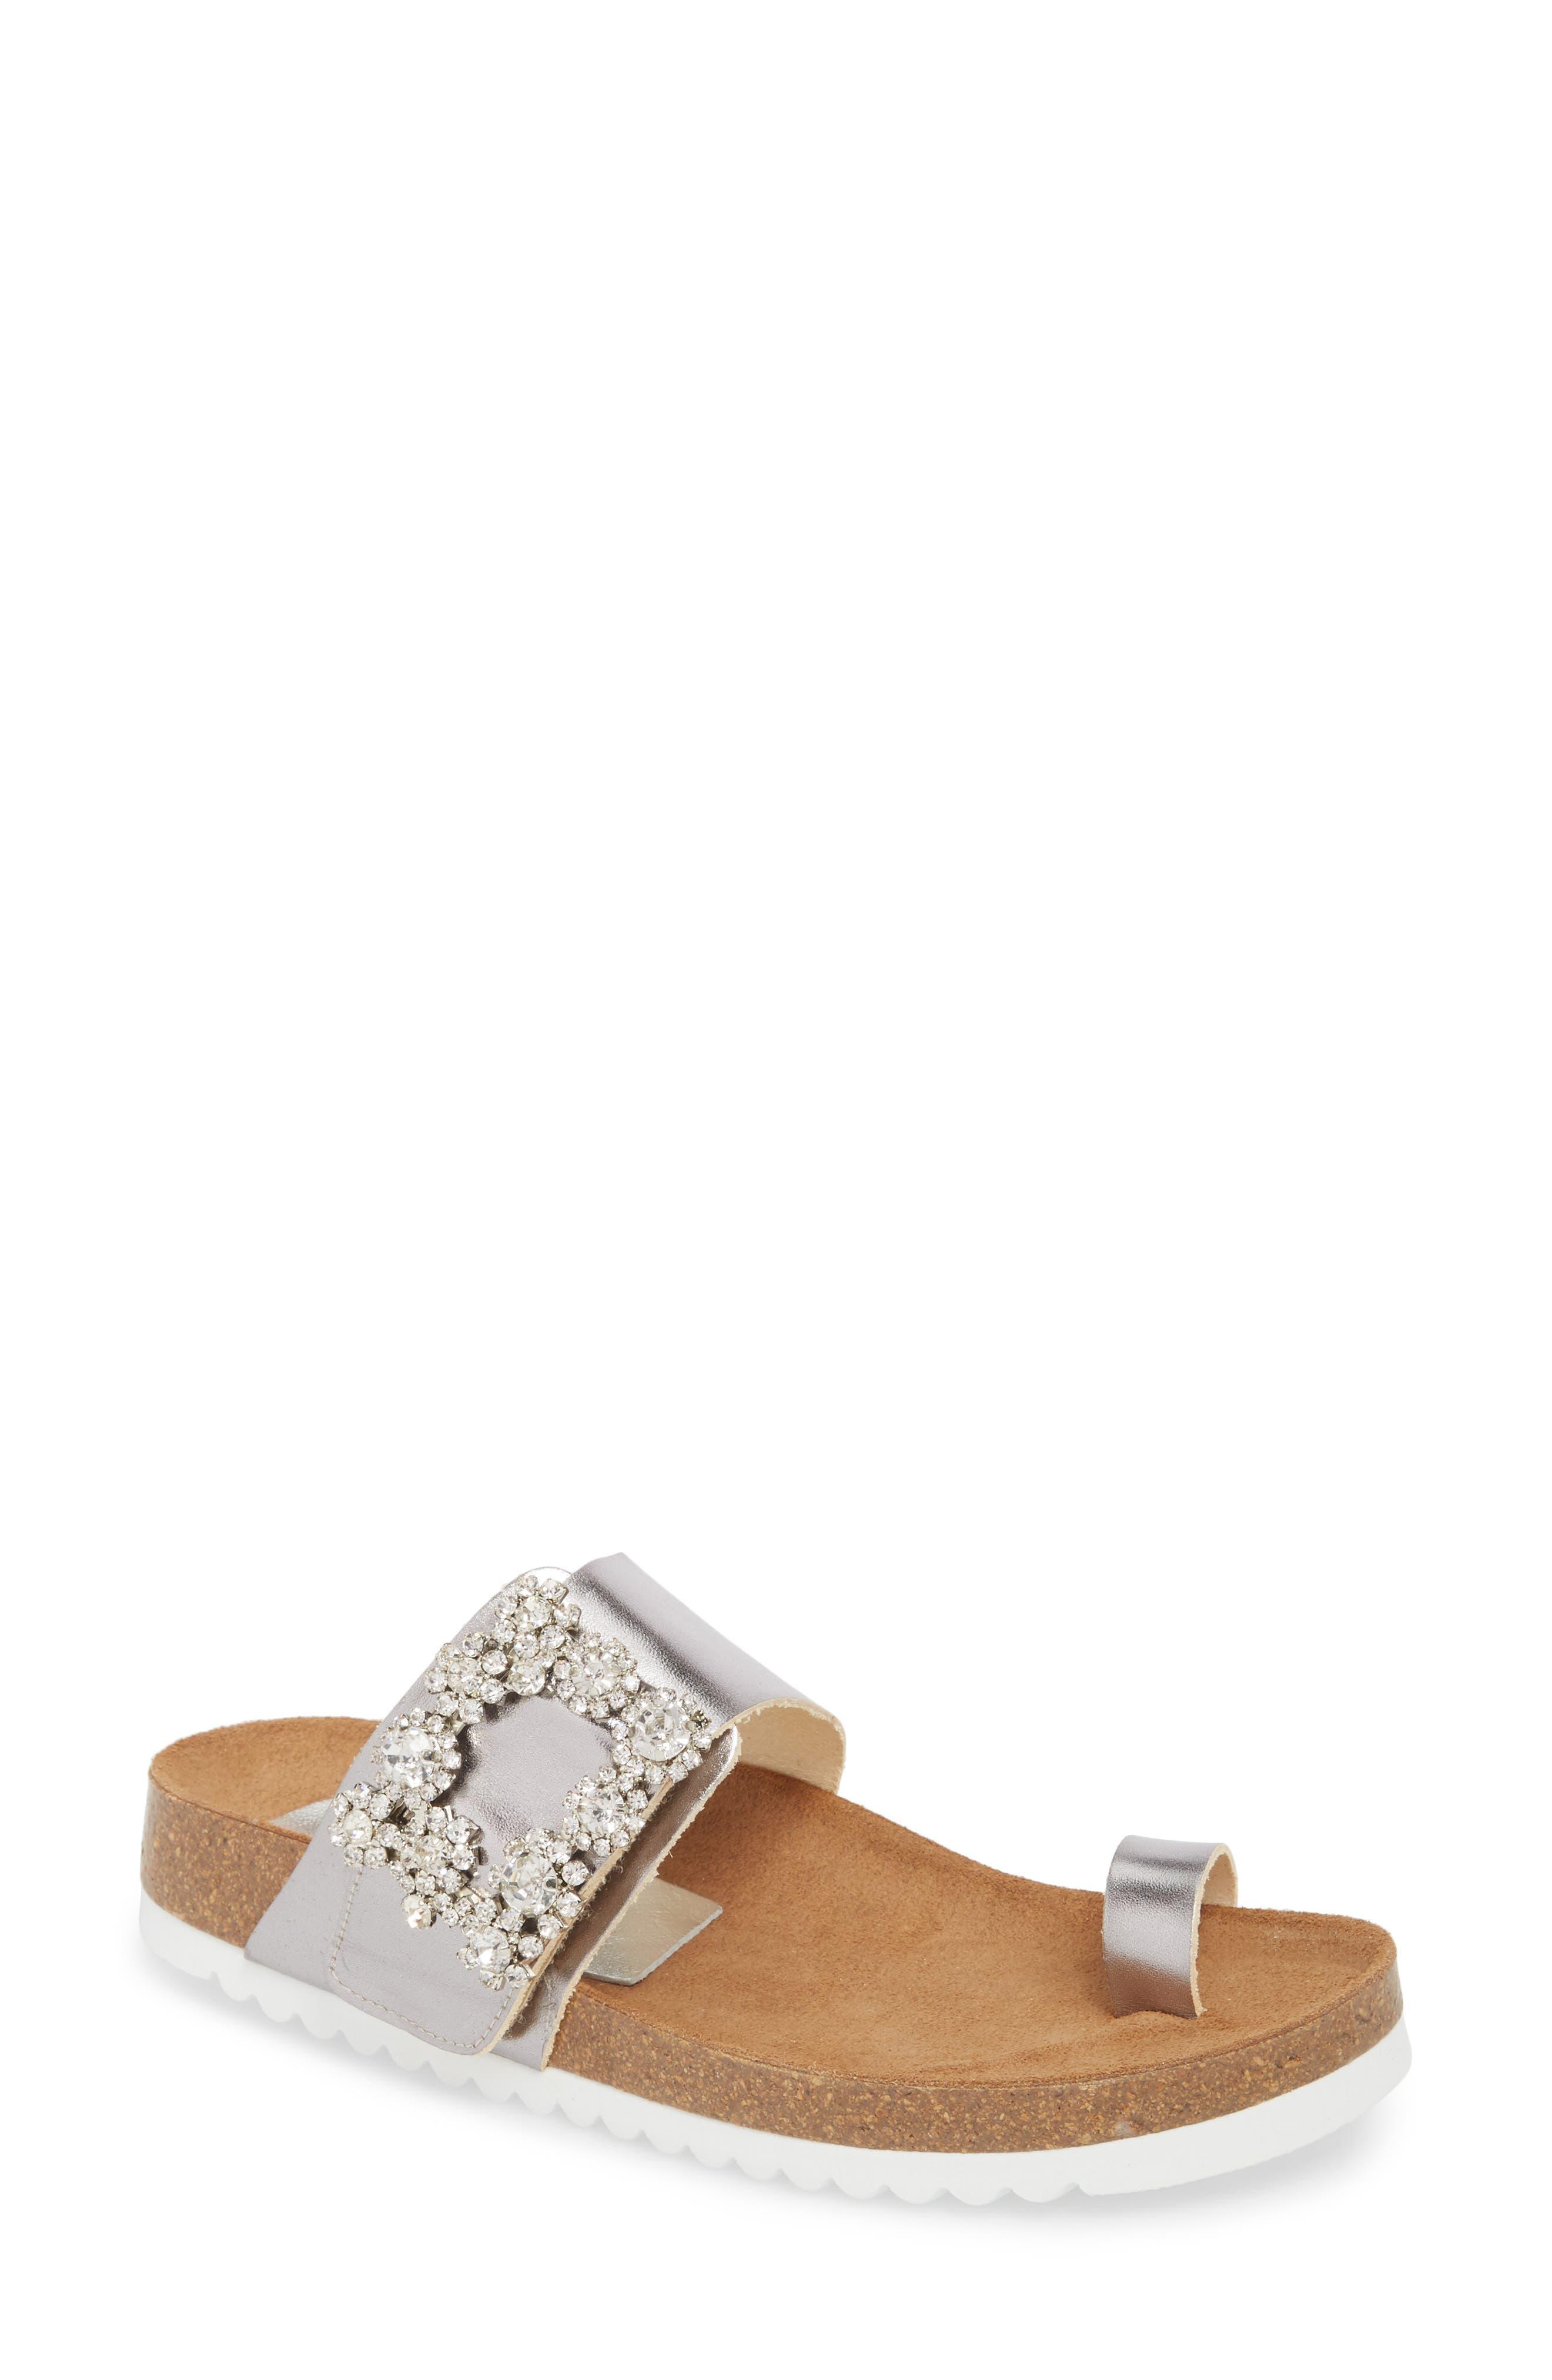 Bianca Embellished Slide Sandal,                         Main,                         color, 048